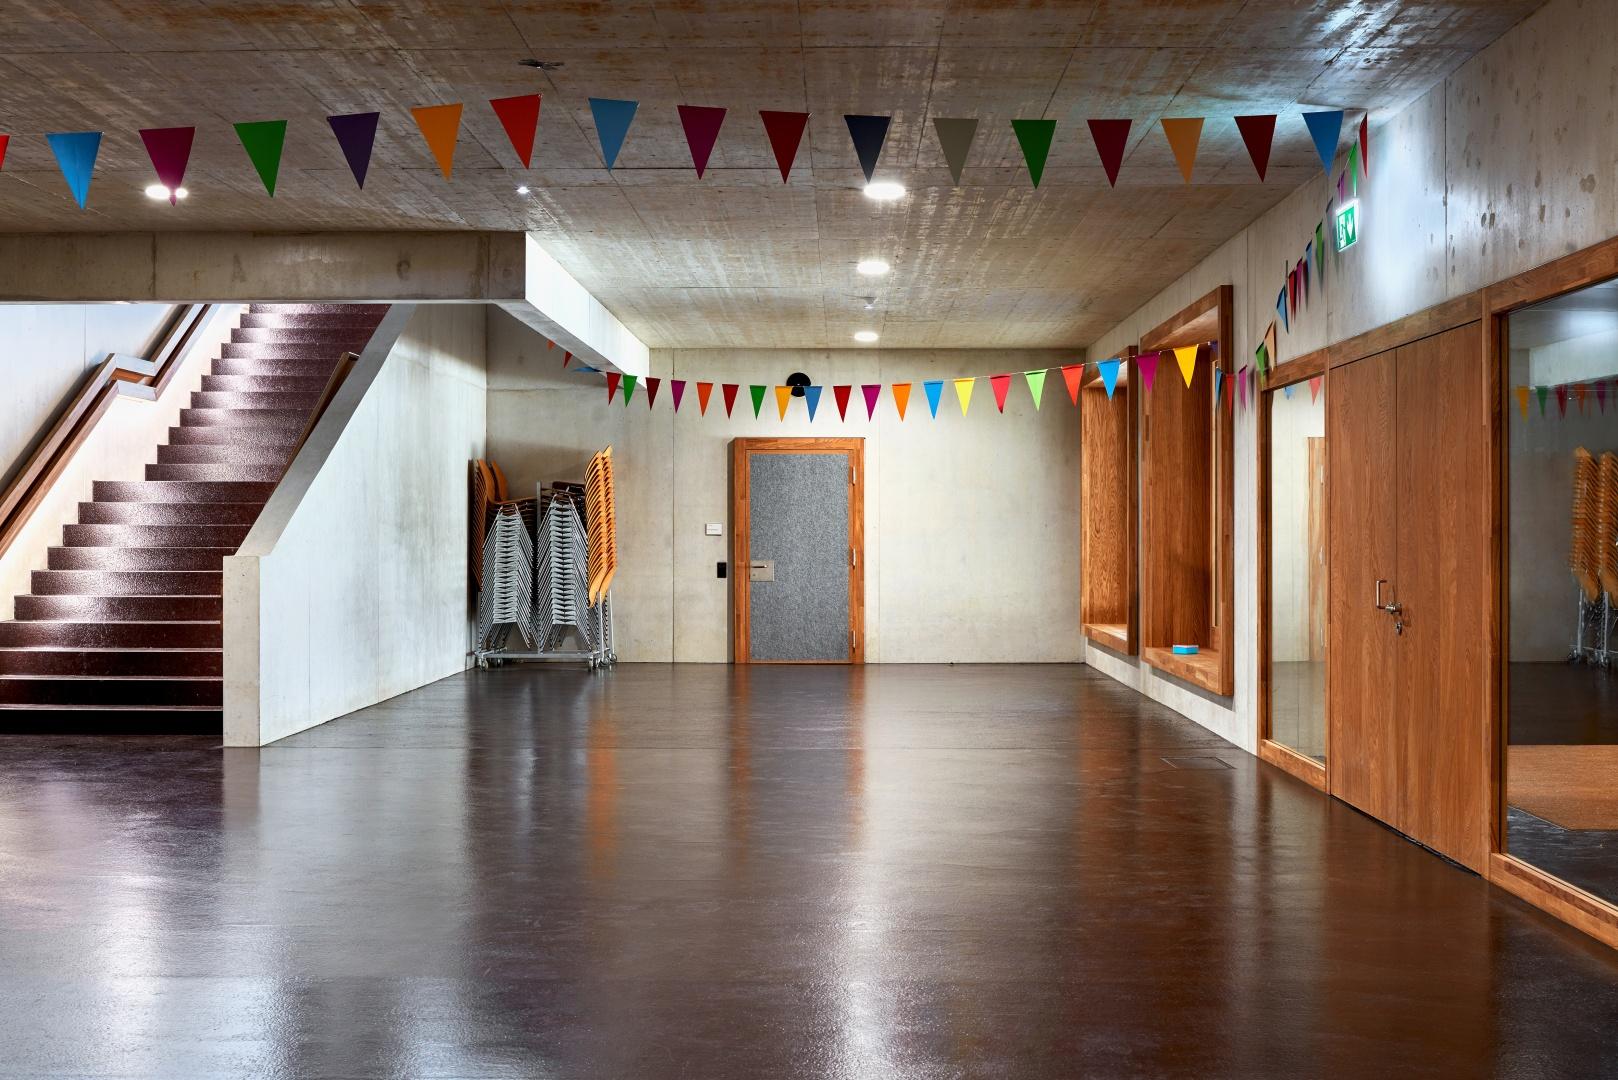 Grand couloir au 1er étage avec de l'asphalte coulé, un concept que l'on retrouve également sur les marches. Les portes et les châssis  de fenêtres en bois de  chêne s'harmonisent au béton brut. © Roman Weyeneth